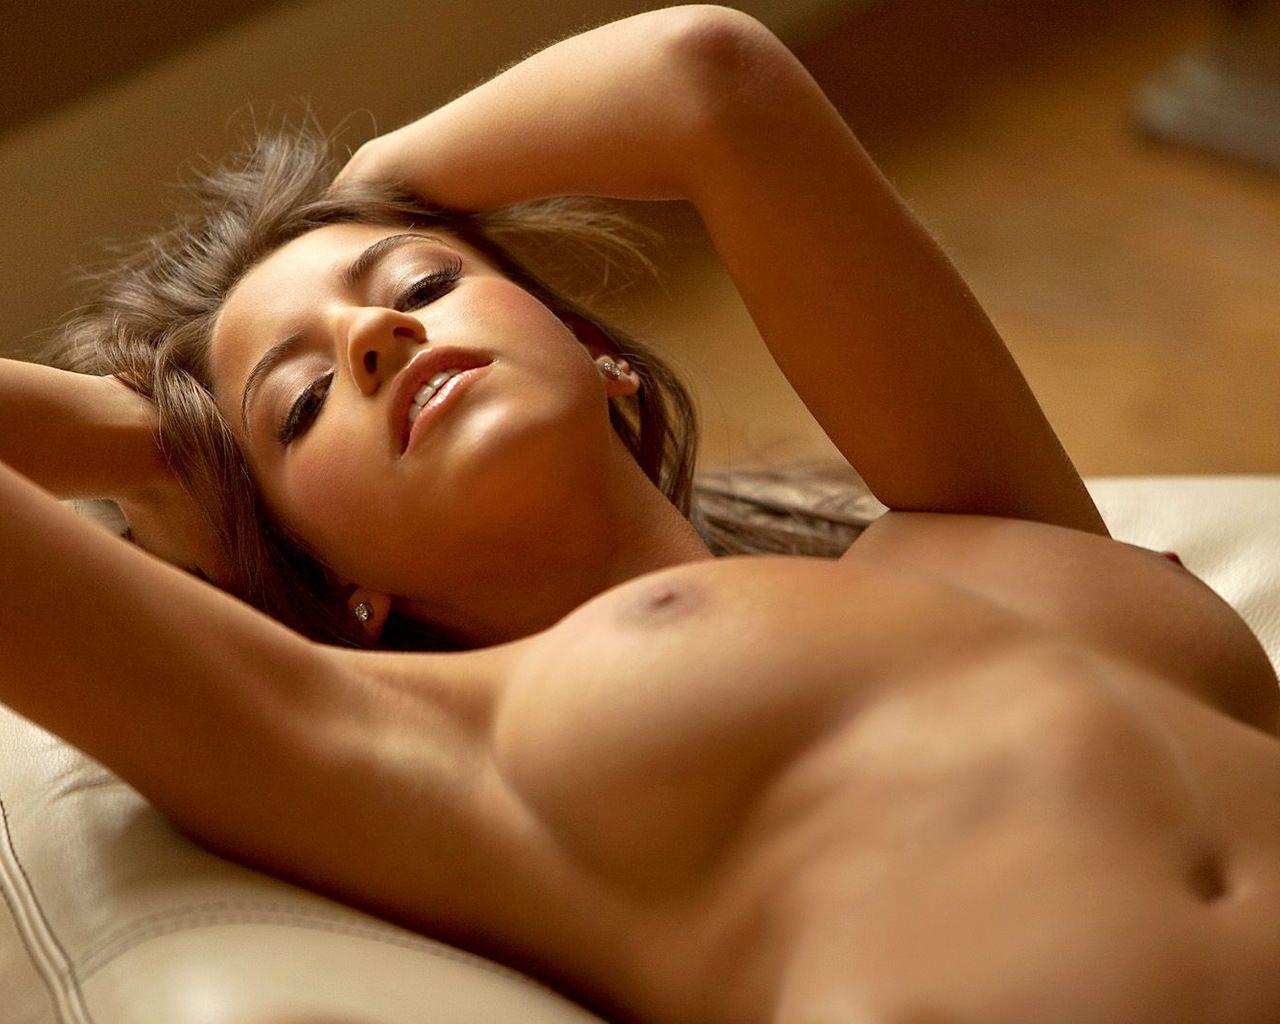 Фото голый и сексульный девушки 10 фотография